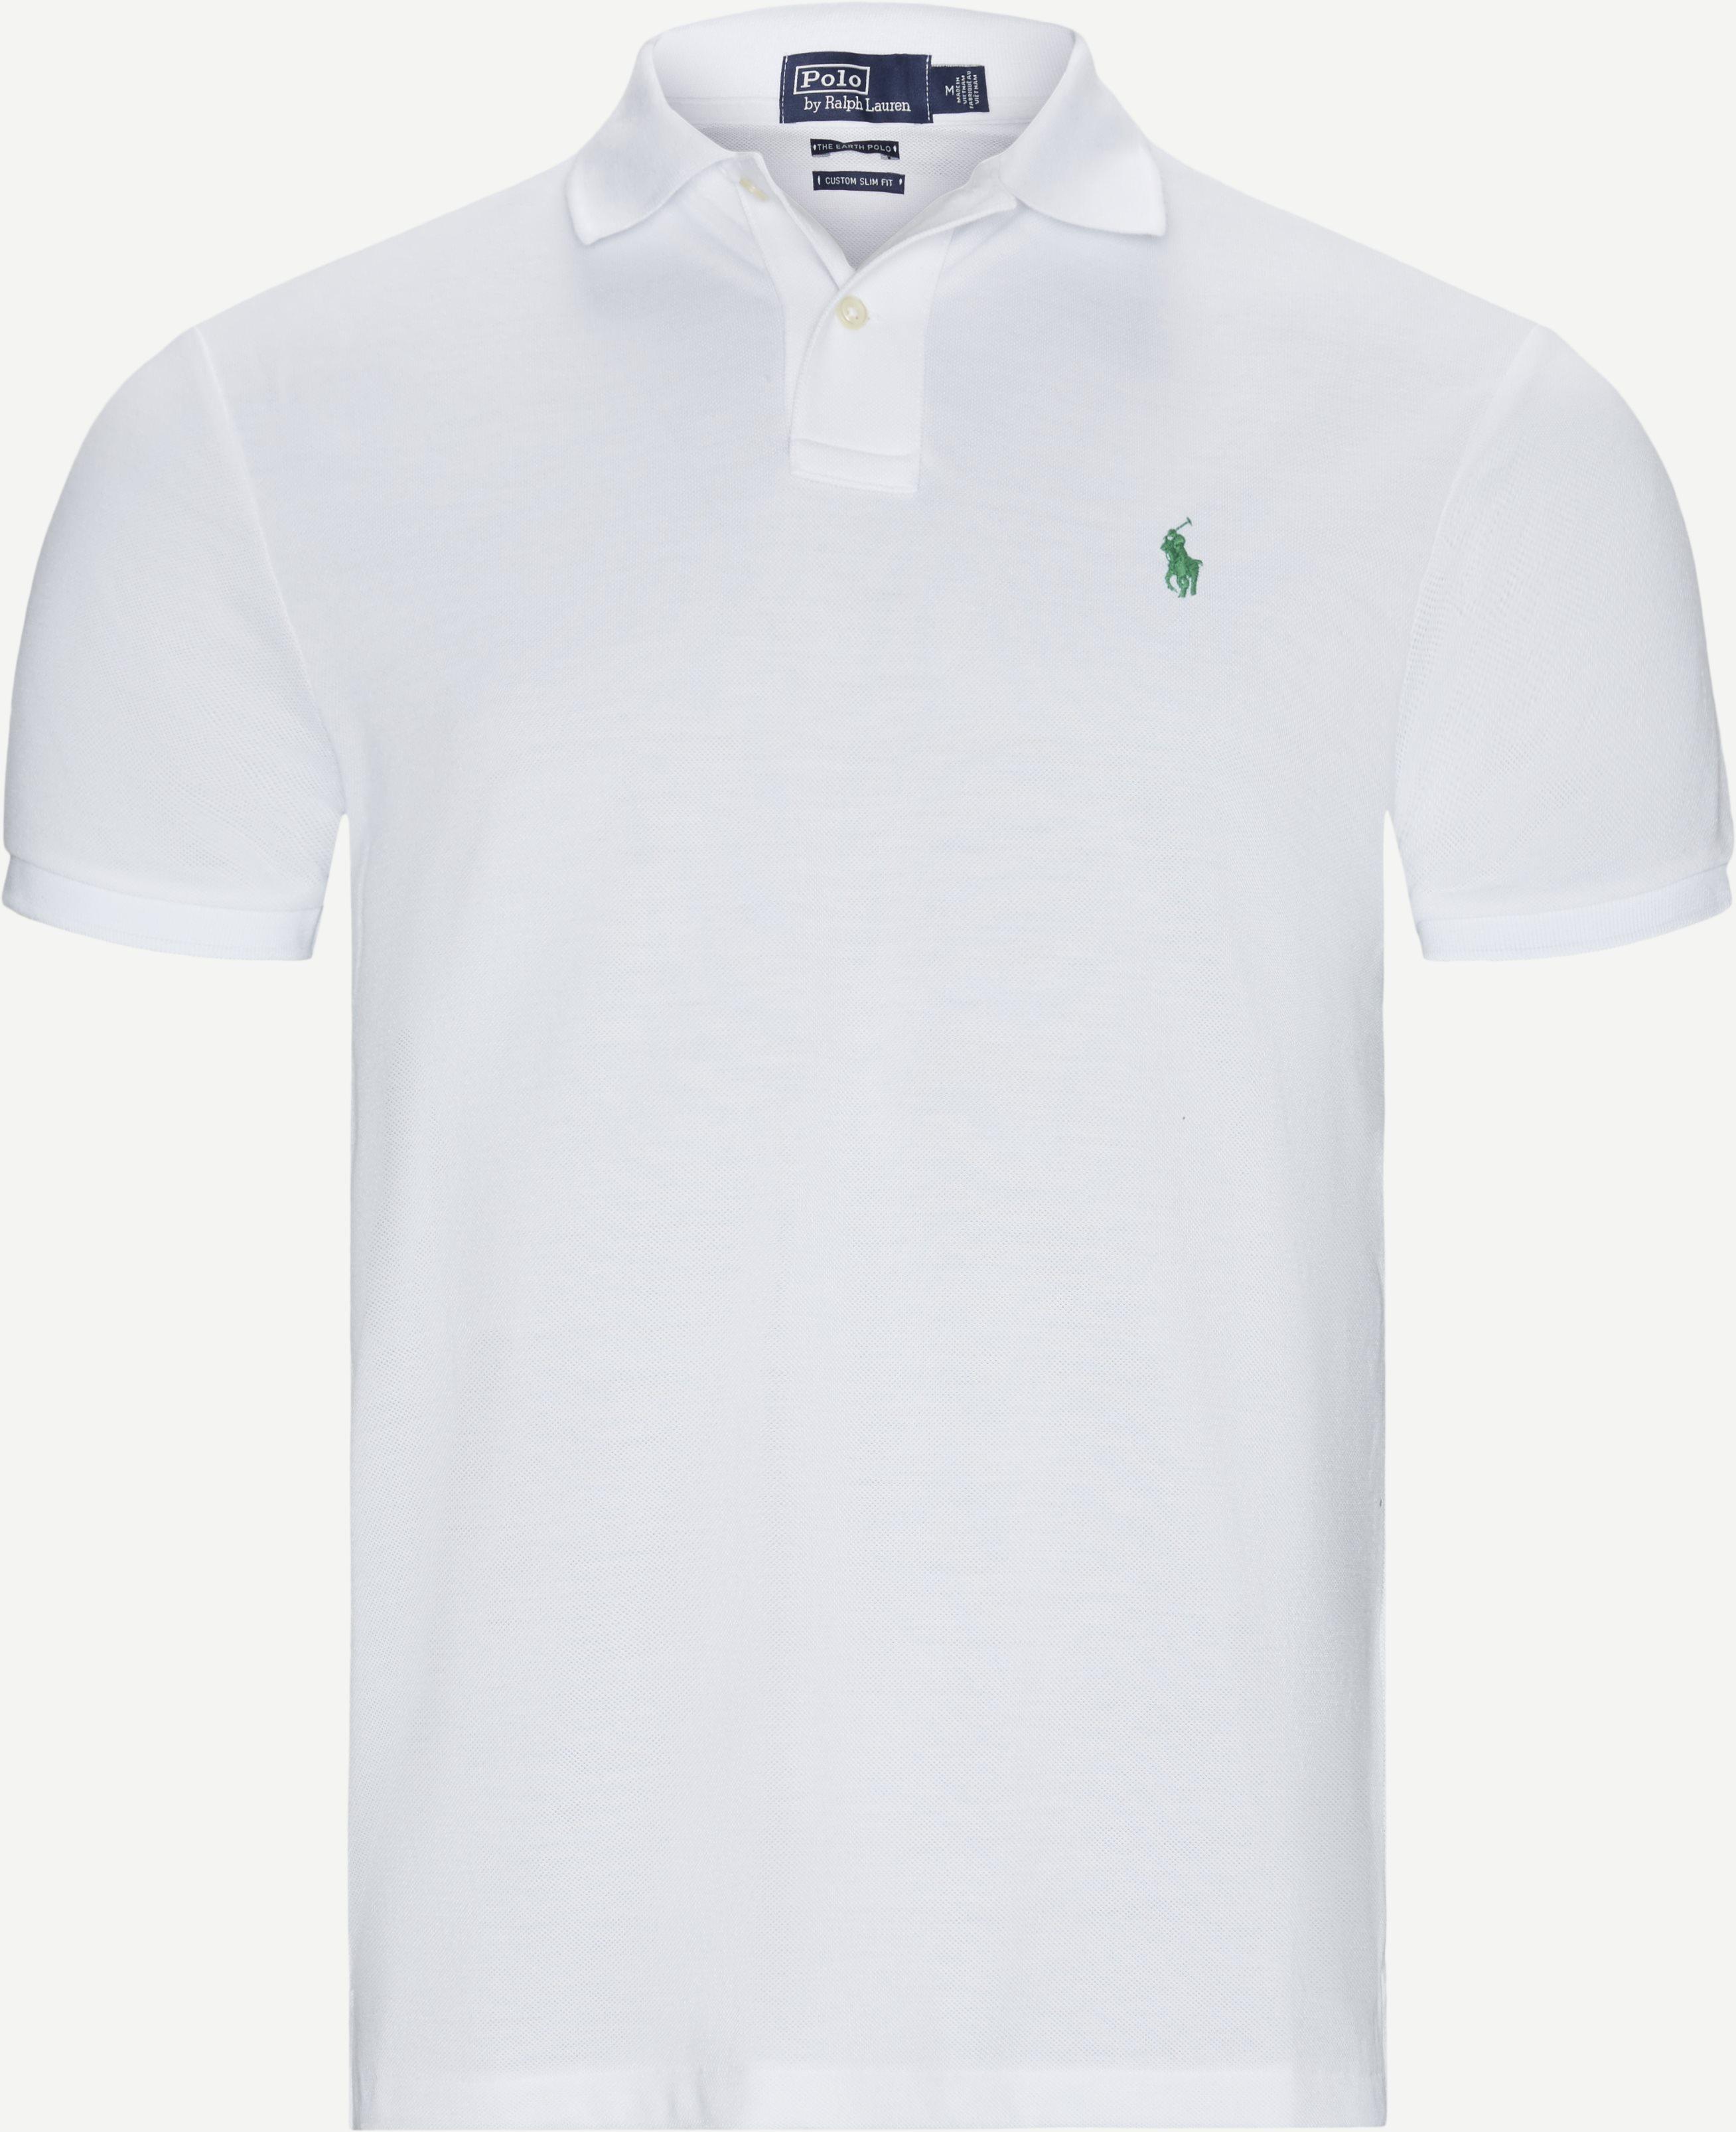 T-Shirts - Regular slim fit - Weiß